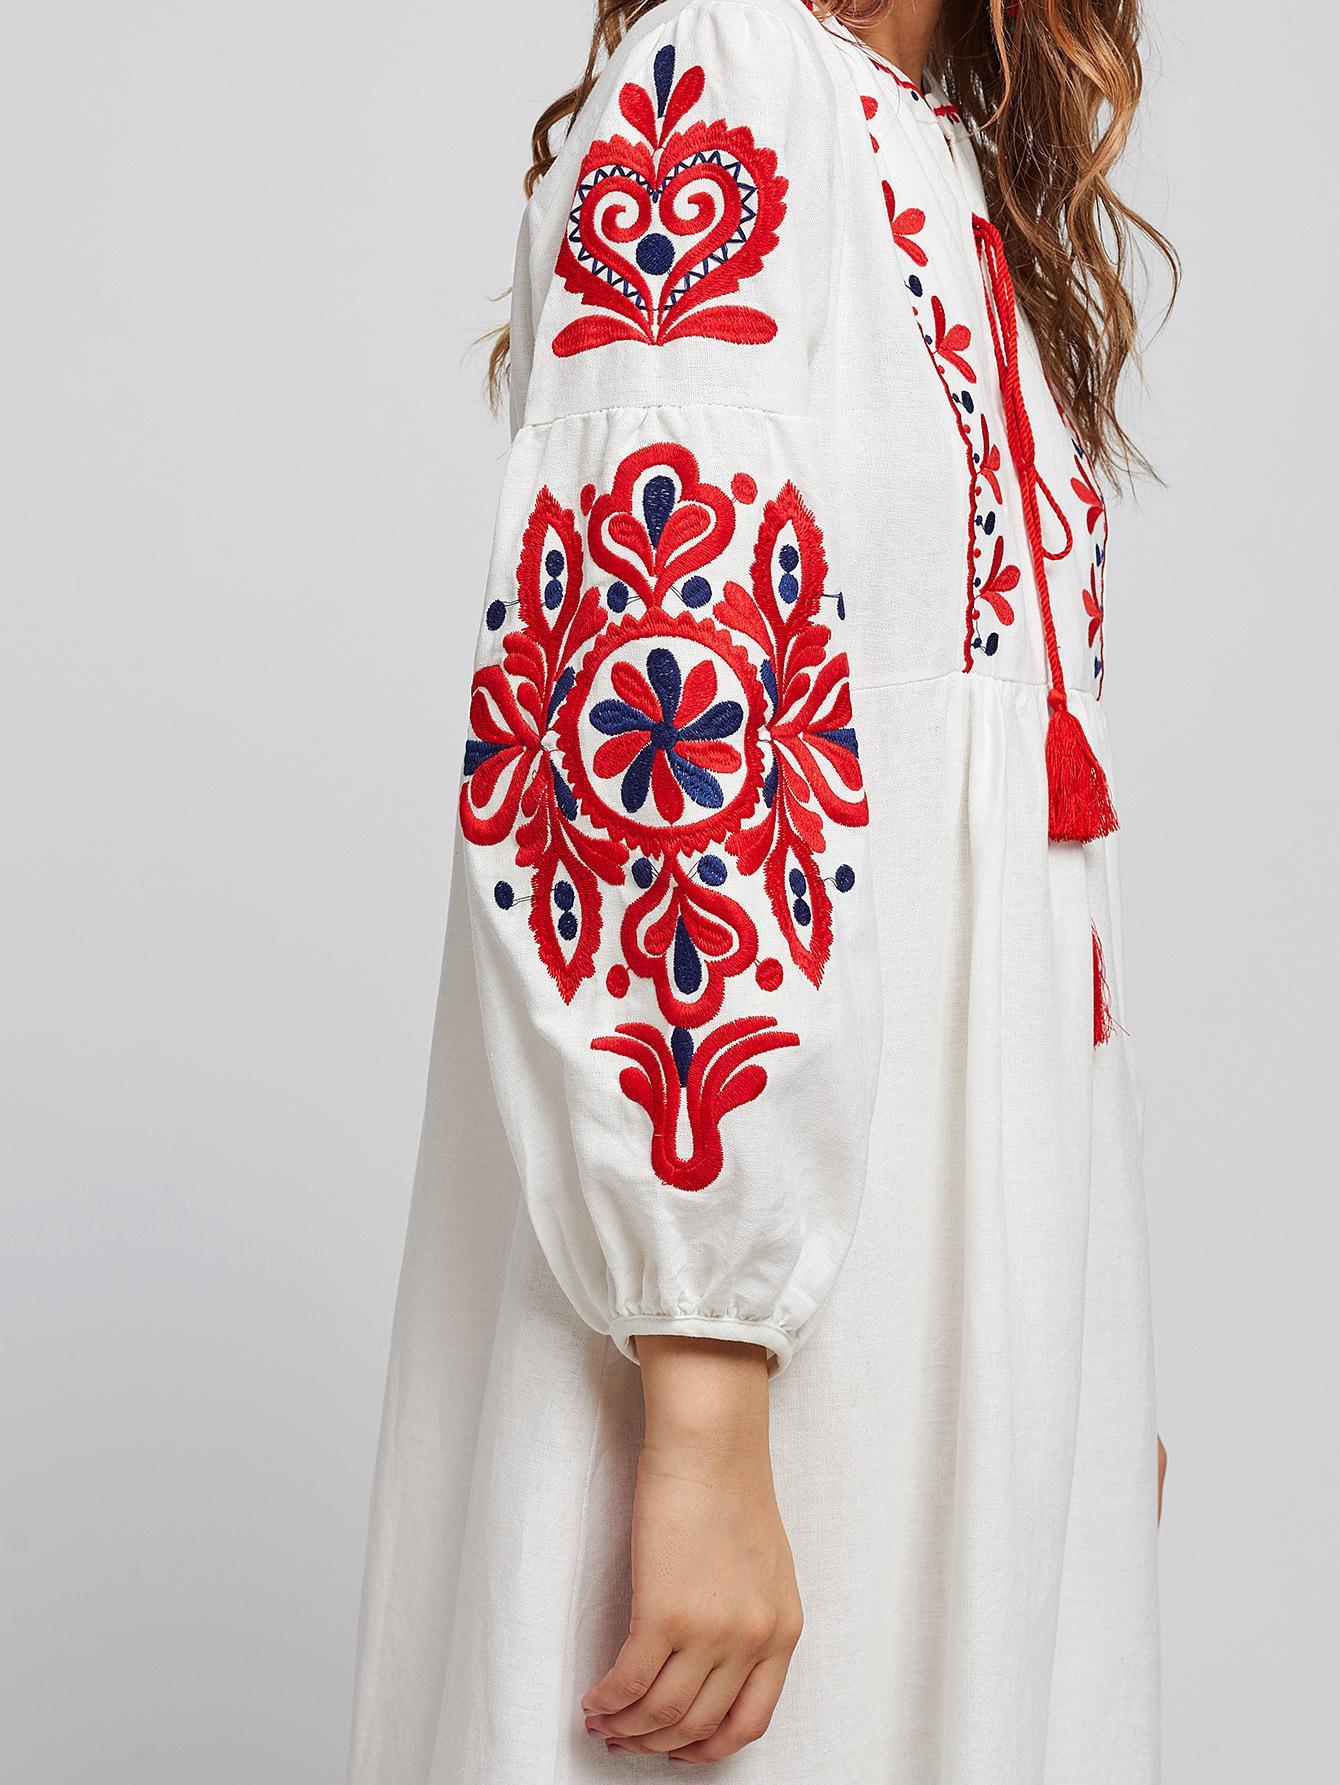 Image 5 - Ethnic Style Muslim Women Long Sleeve Maxi Dress Embroidery Arab  Abaya Cocktail Drawstring Vintage Dress Ukrainian VyshyvankaIslamic  Clothing